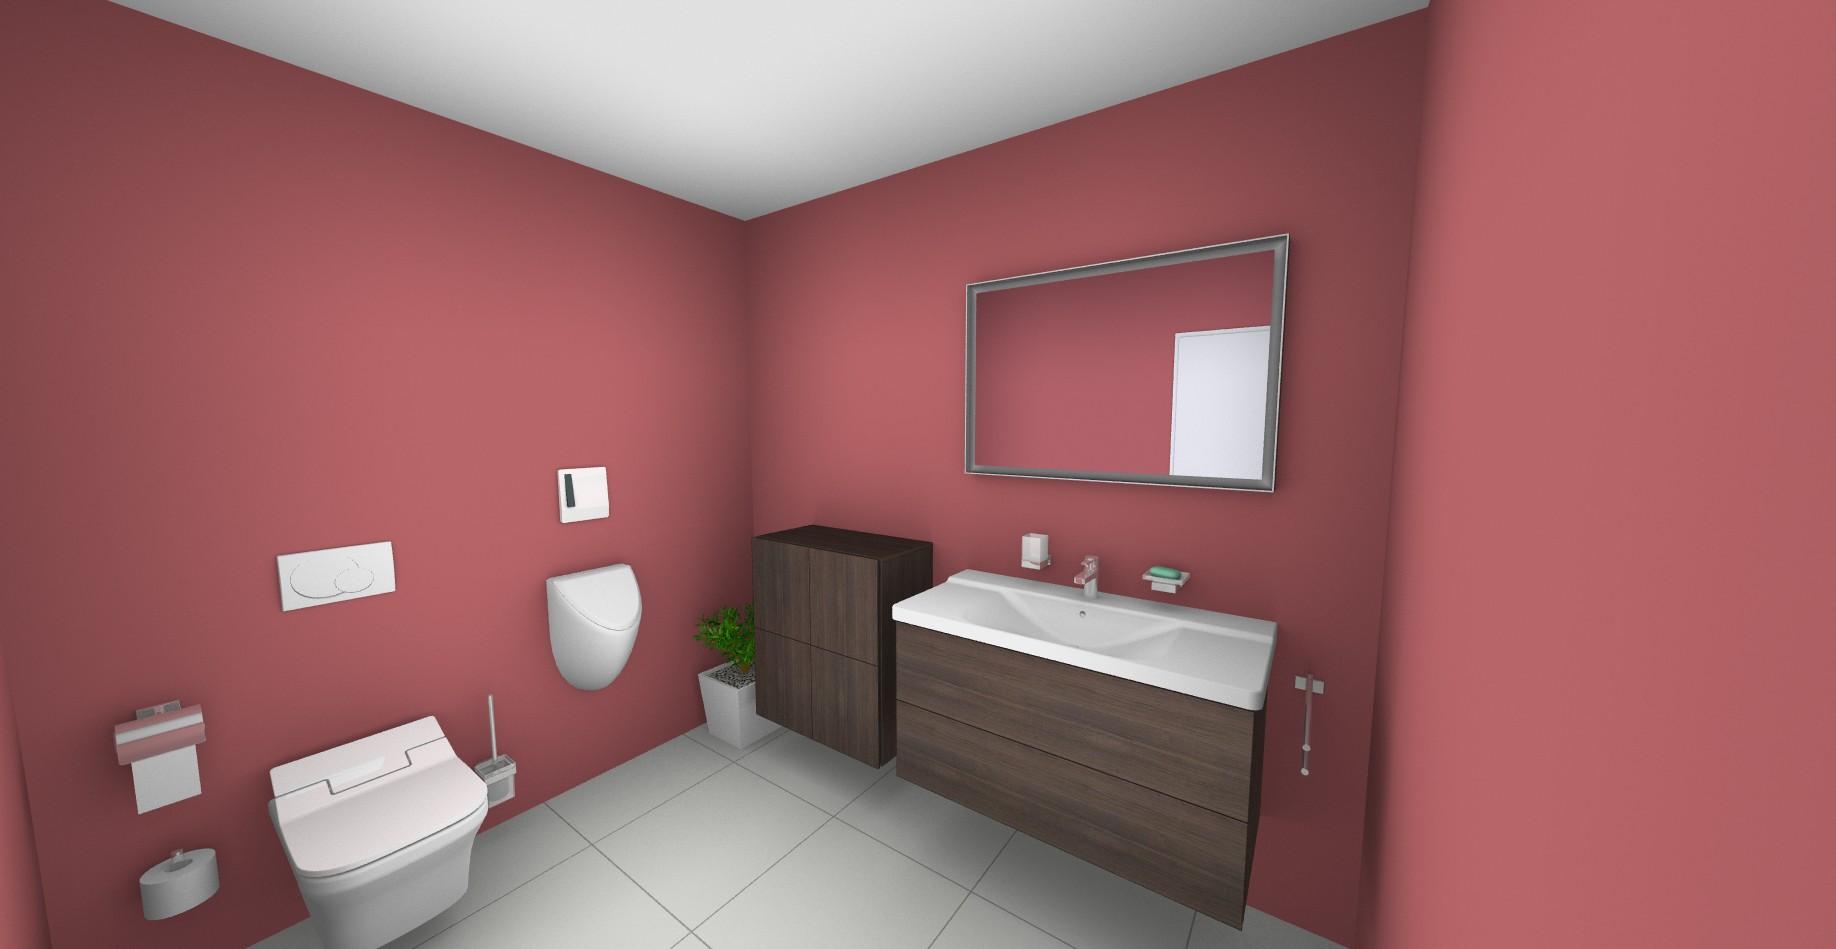 Planner bagno affordable ikea bagno ikea bagno ronnskar il ucmondoud del bagno secondo ikea - Bagno completo ikea ...